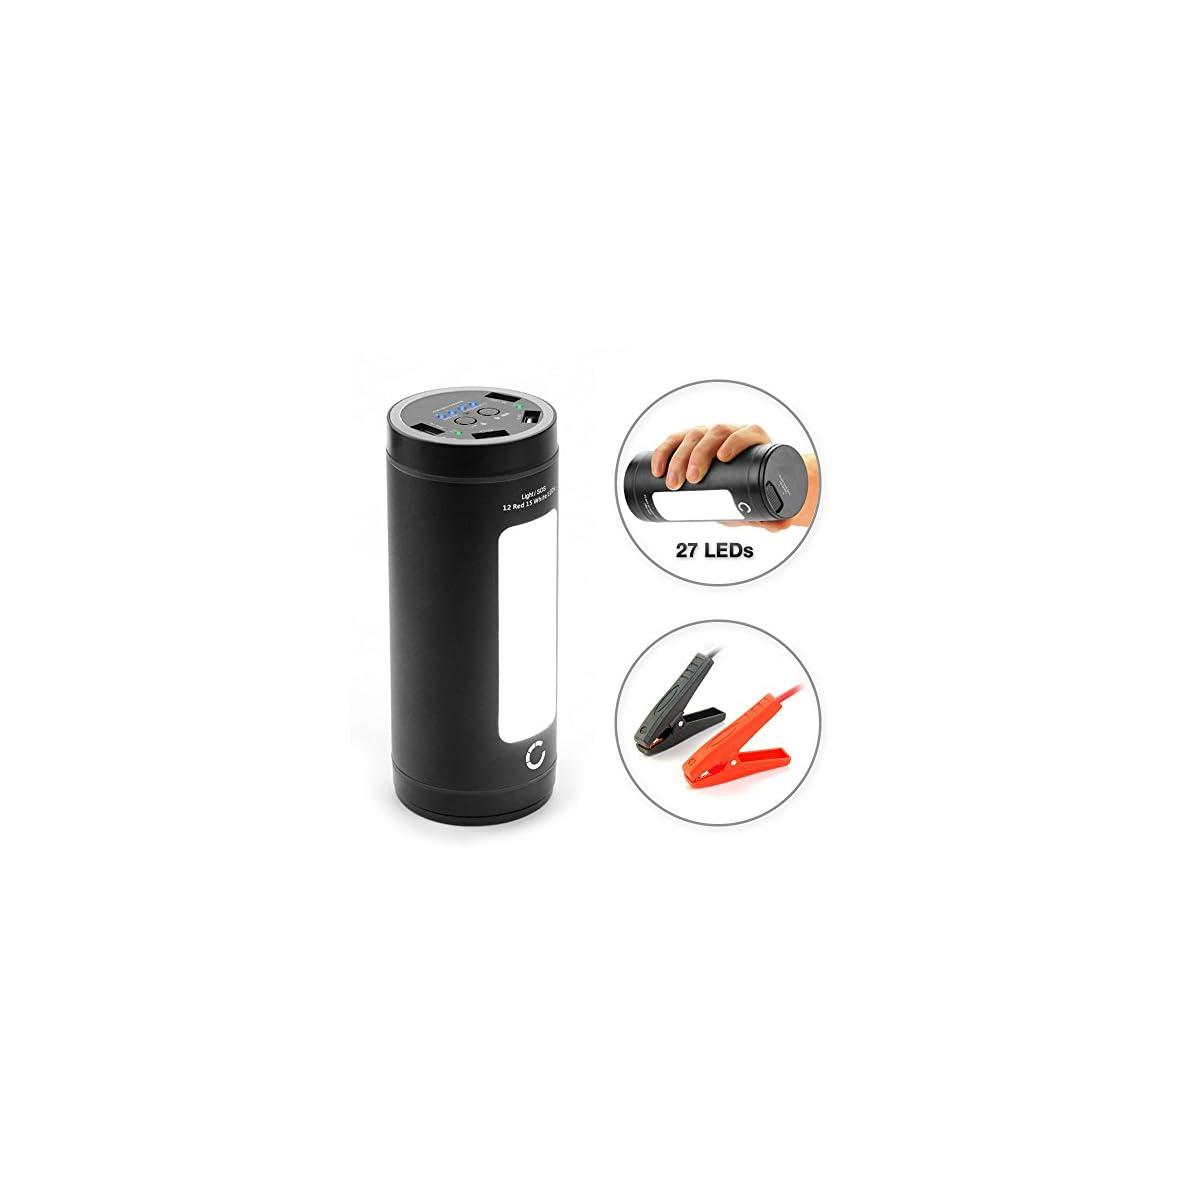 51aM1HbgP3L. SS1200  - CELLONIC® 12V Arrancador de Coche, Jump Starter - 4en1: 12000mAh Powerbank (4X USB, 5A MAX.), Panel LED, Función calefacción - Batería Externa, USB Cargador batería vehículos, Arrancador de Autos